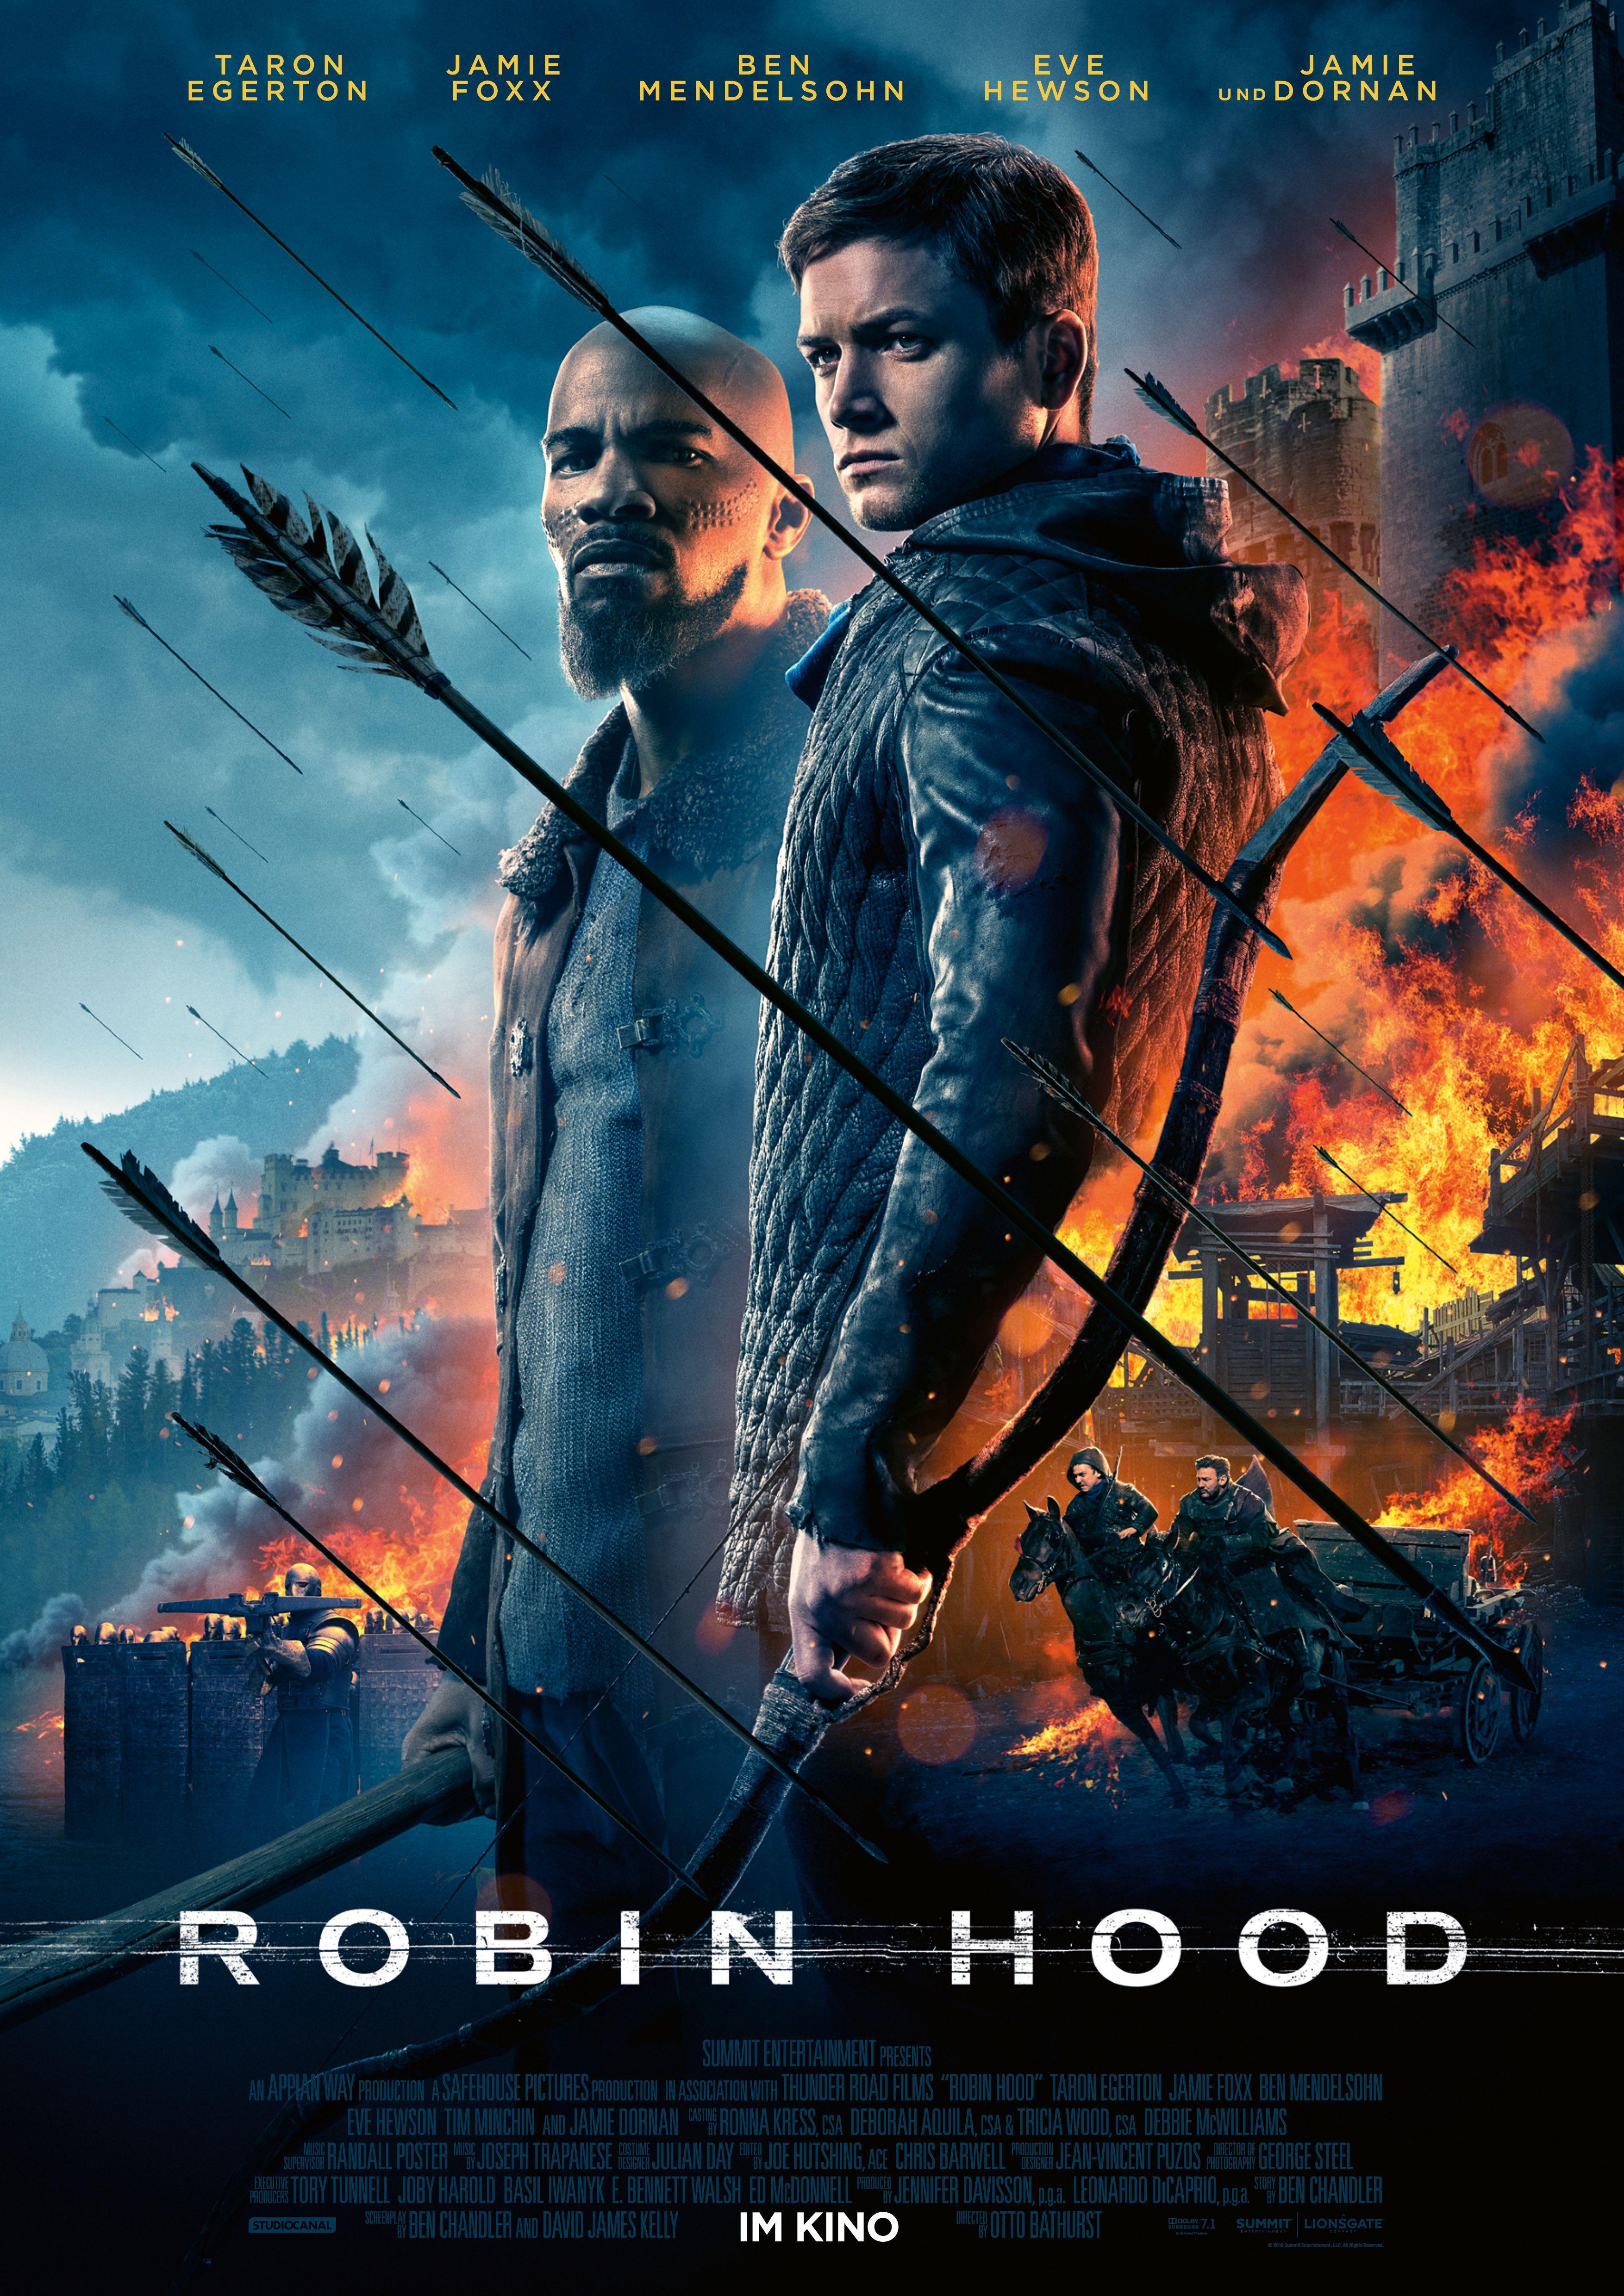 Deutsches Poster Zur Kino Neuauflage Robin Hood Mit Taron Egerton Free Movies Online Full Movies Online Free Movies Online